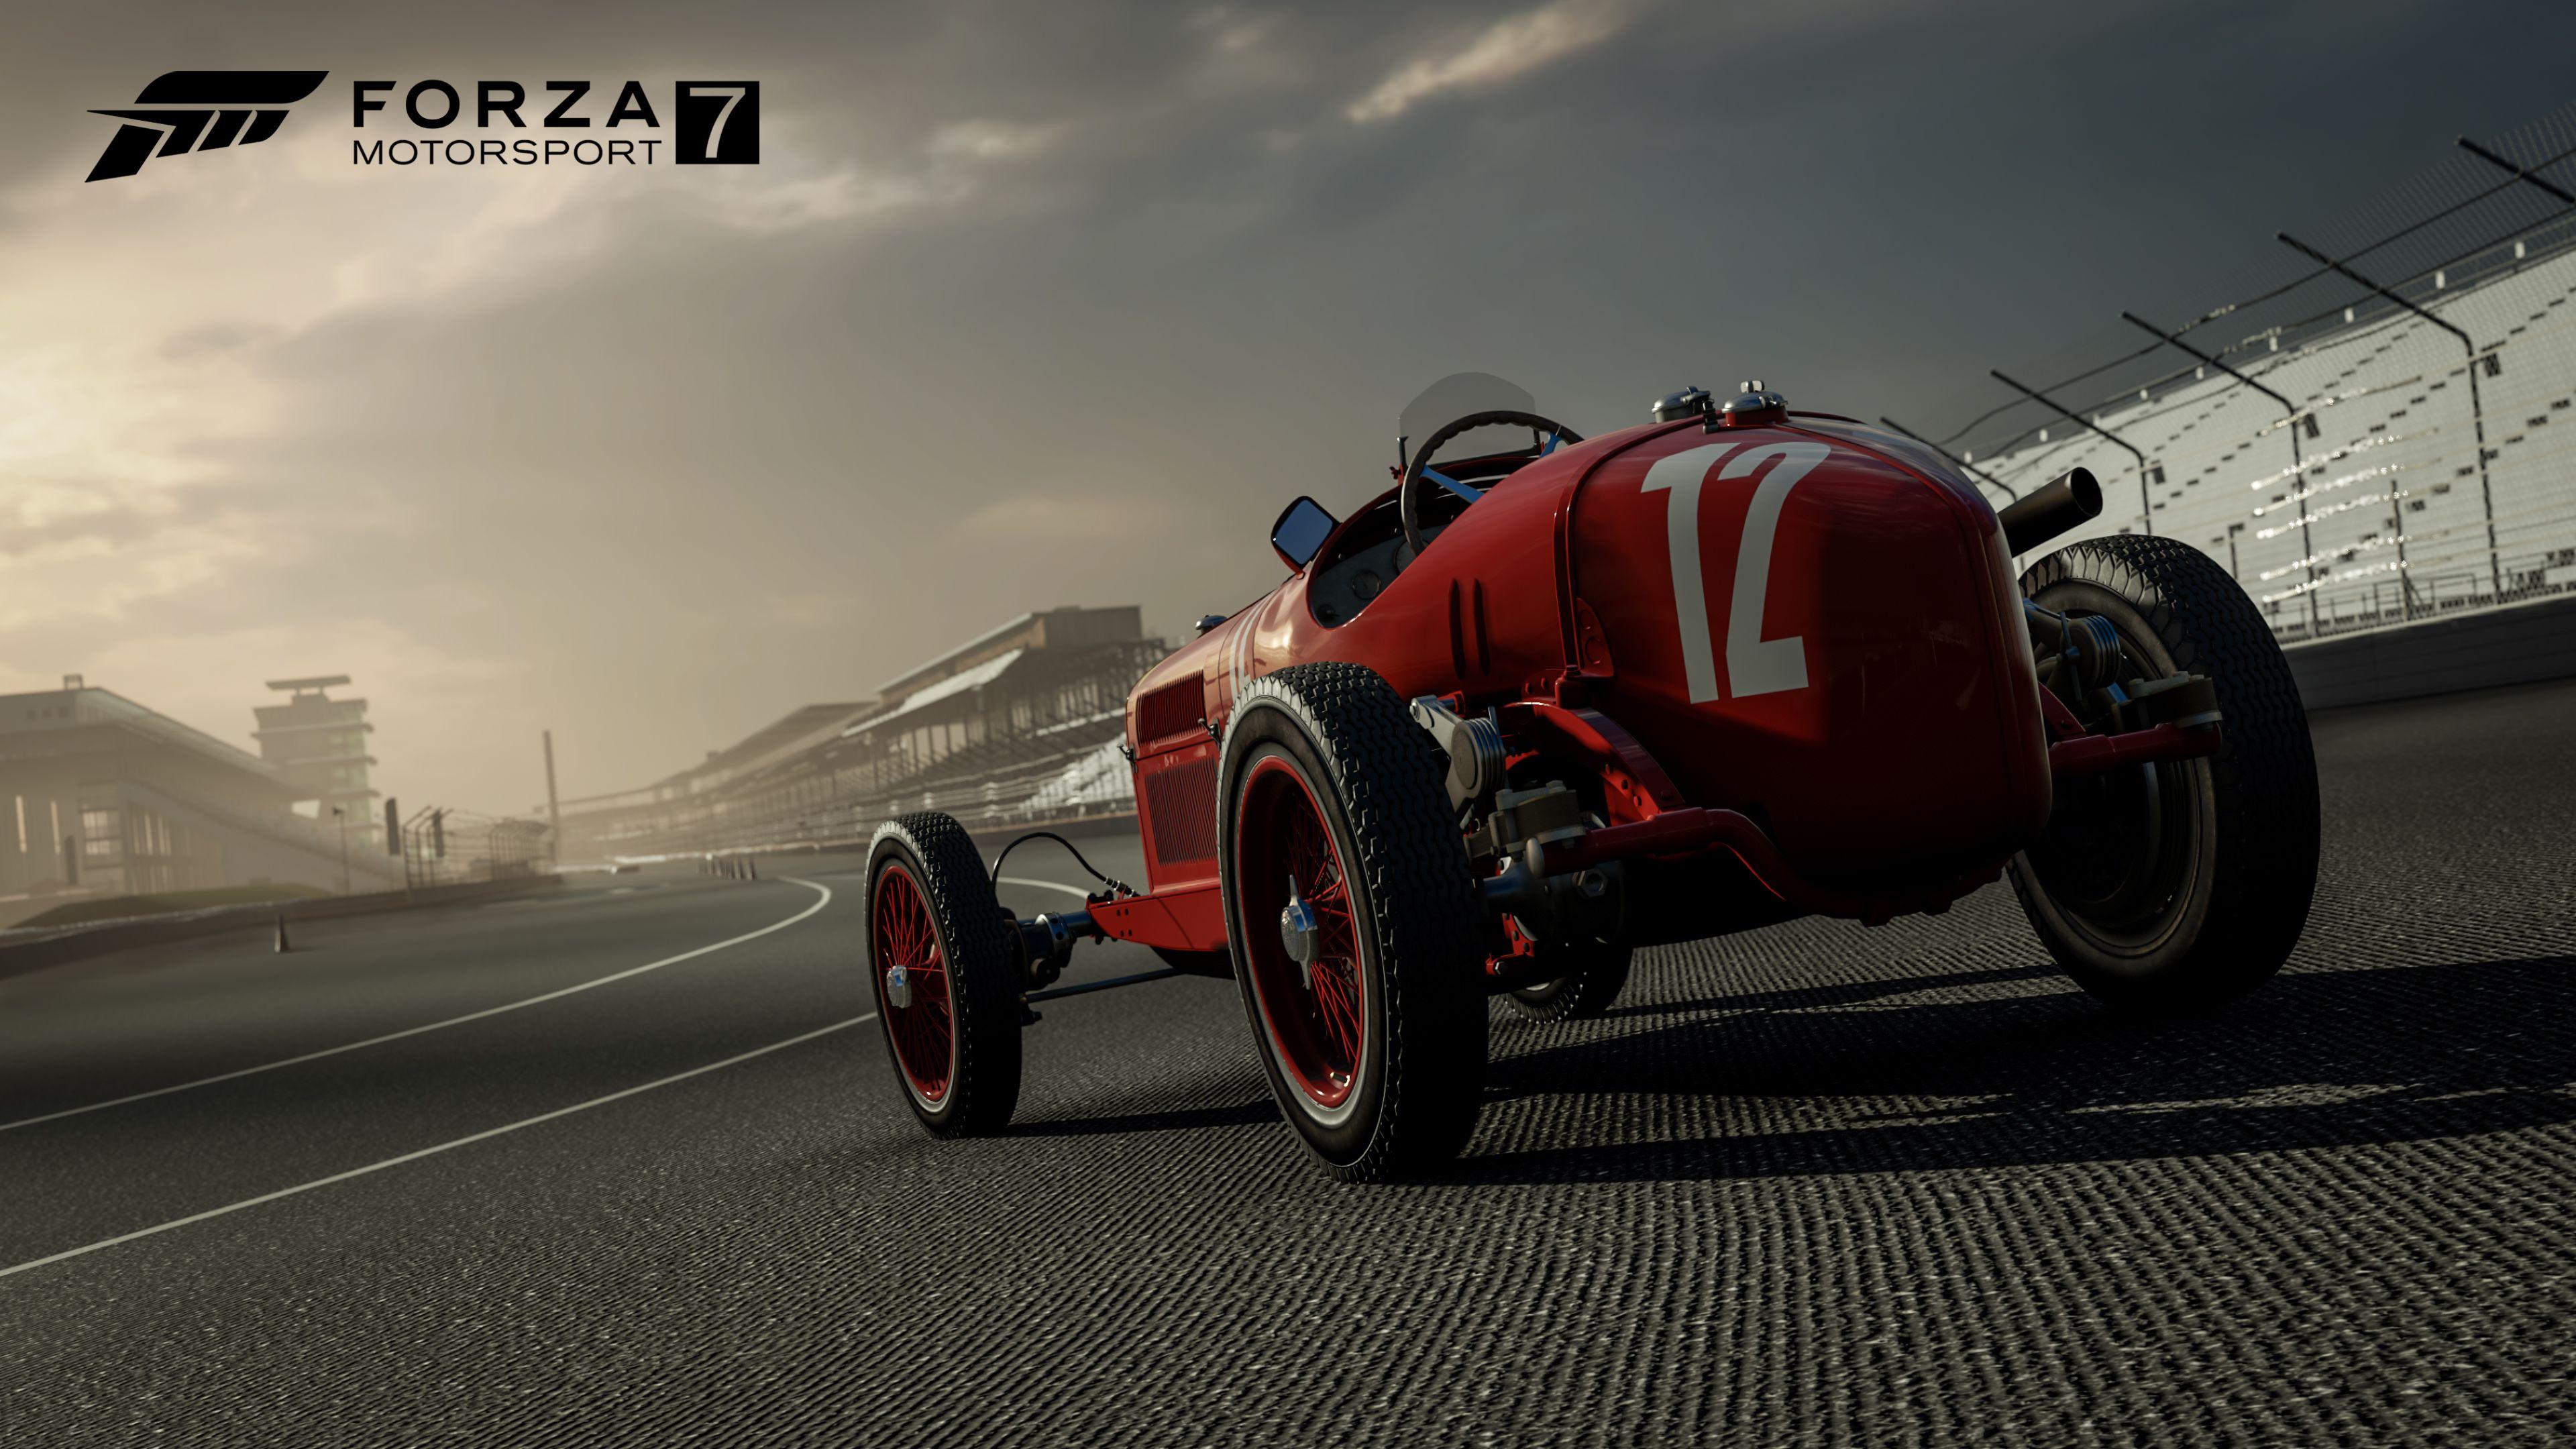 Forza Motorsport 7 - HW nároky, demo a obrázky 148644